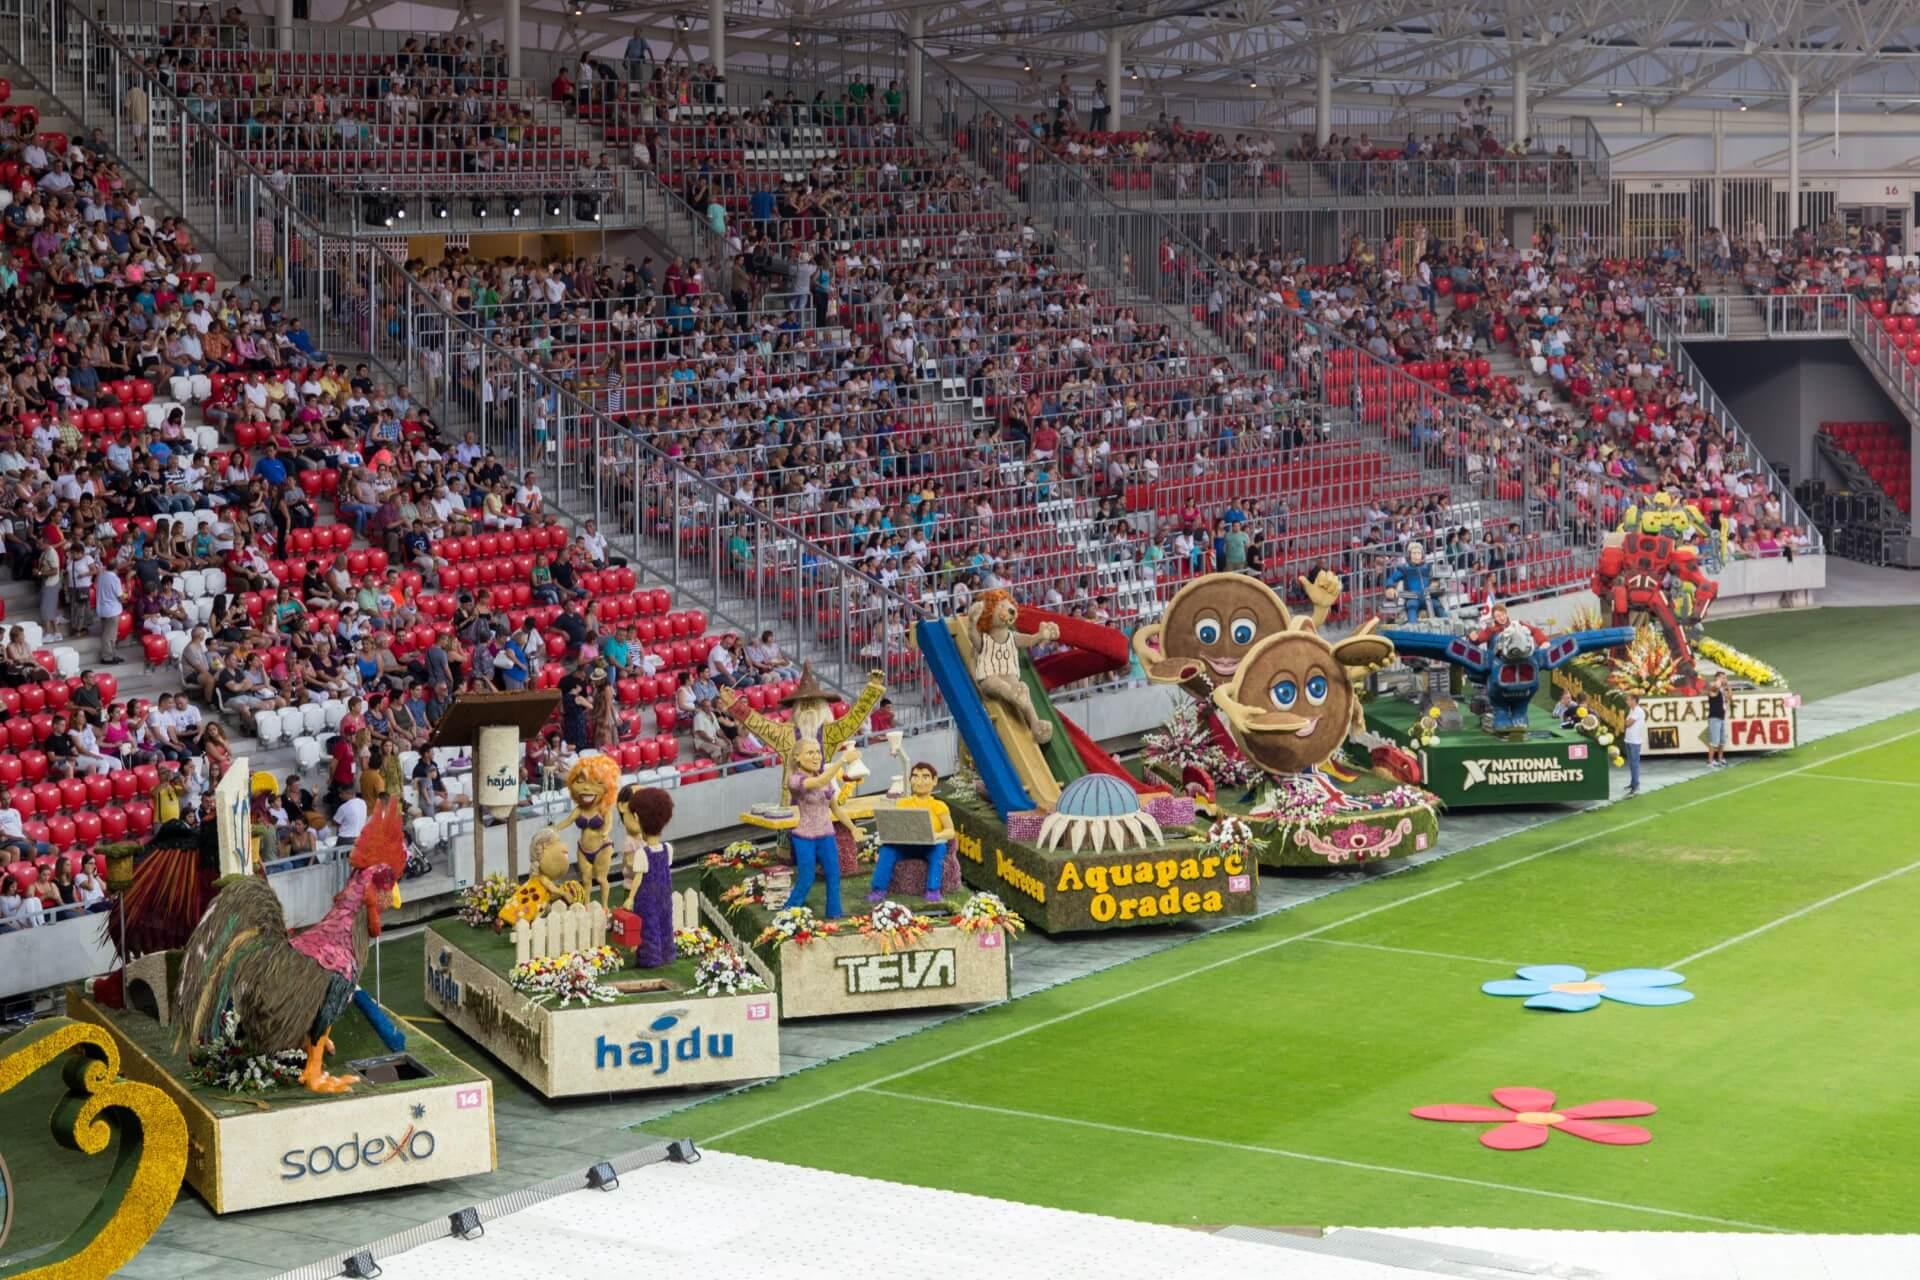 Blumenkarneval Debrecen, Wagen im Stadion